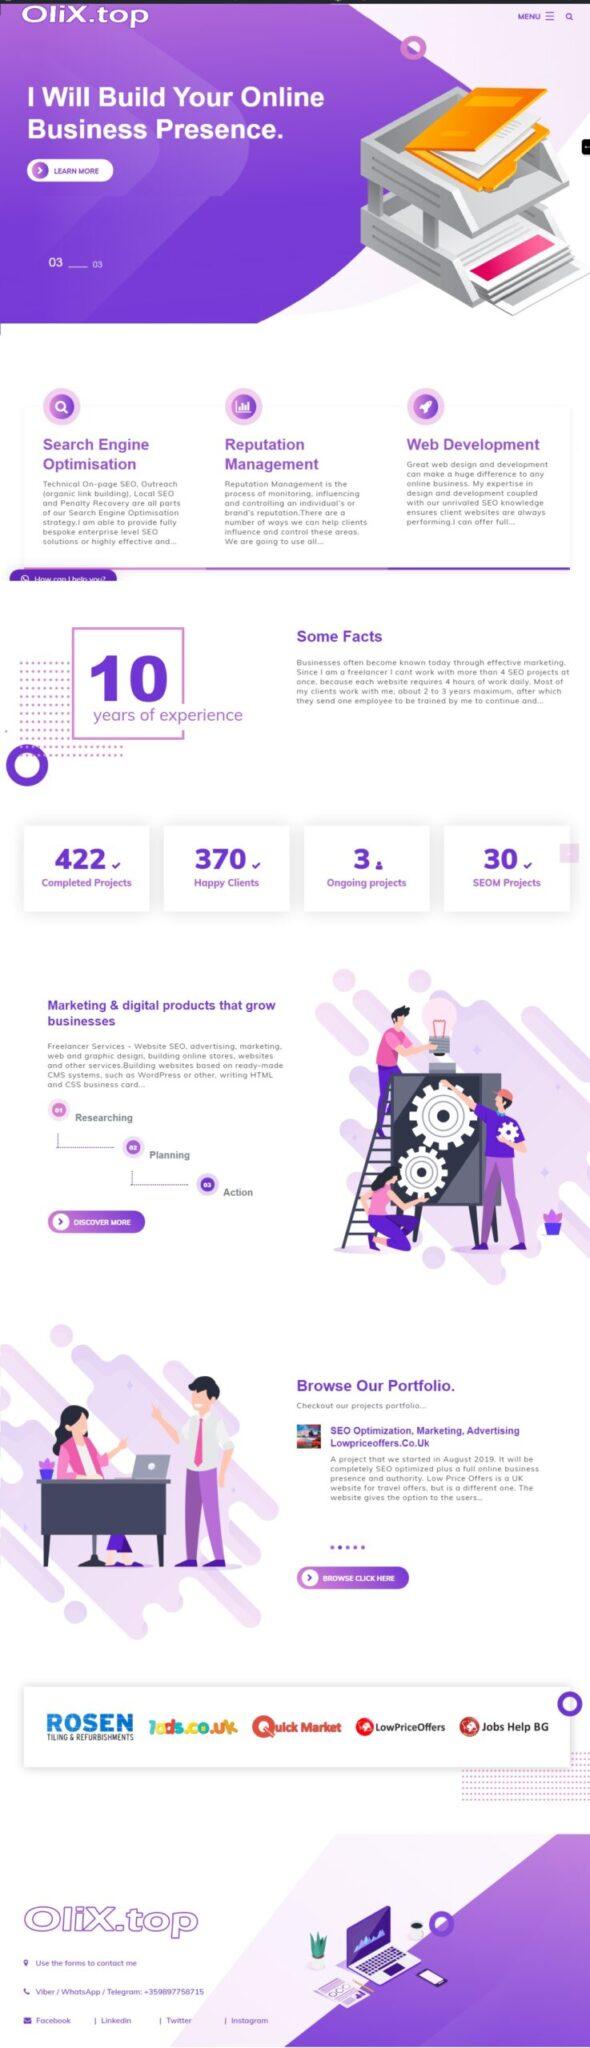 Изграждане на английски уебсайт за моята дейност с различно съдържание и визия - olix.top - Wordpress СЕО.БГ Wordpress СЕО оптимизация, реклама, изграждане на сайтове, маркетинг, изработка на сайтове, уеб дизайн, SEO, онлайн магазини и други